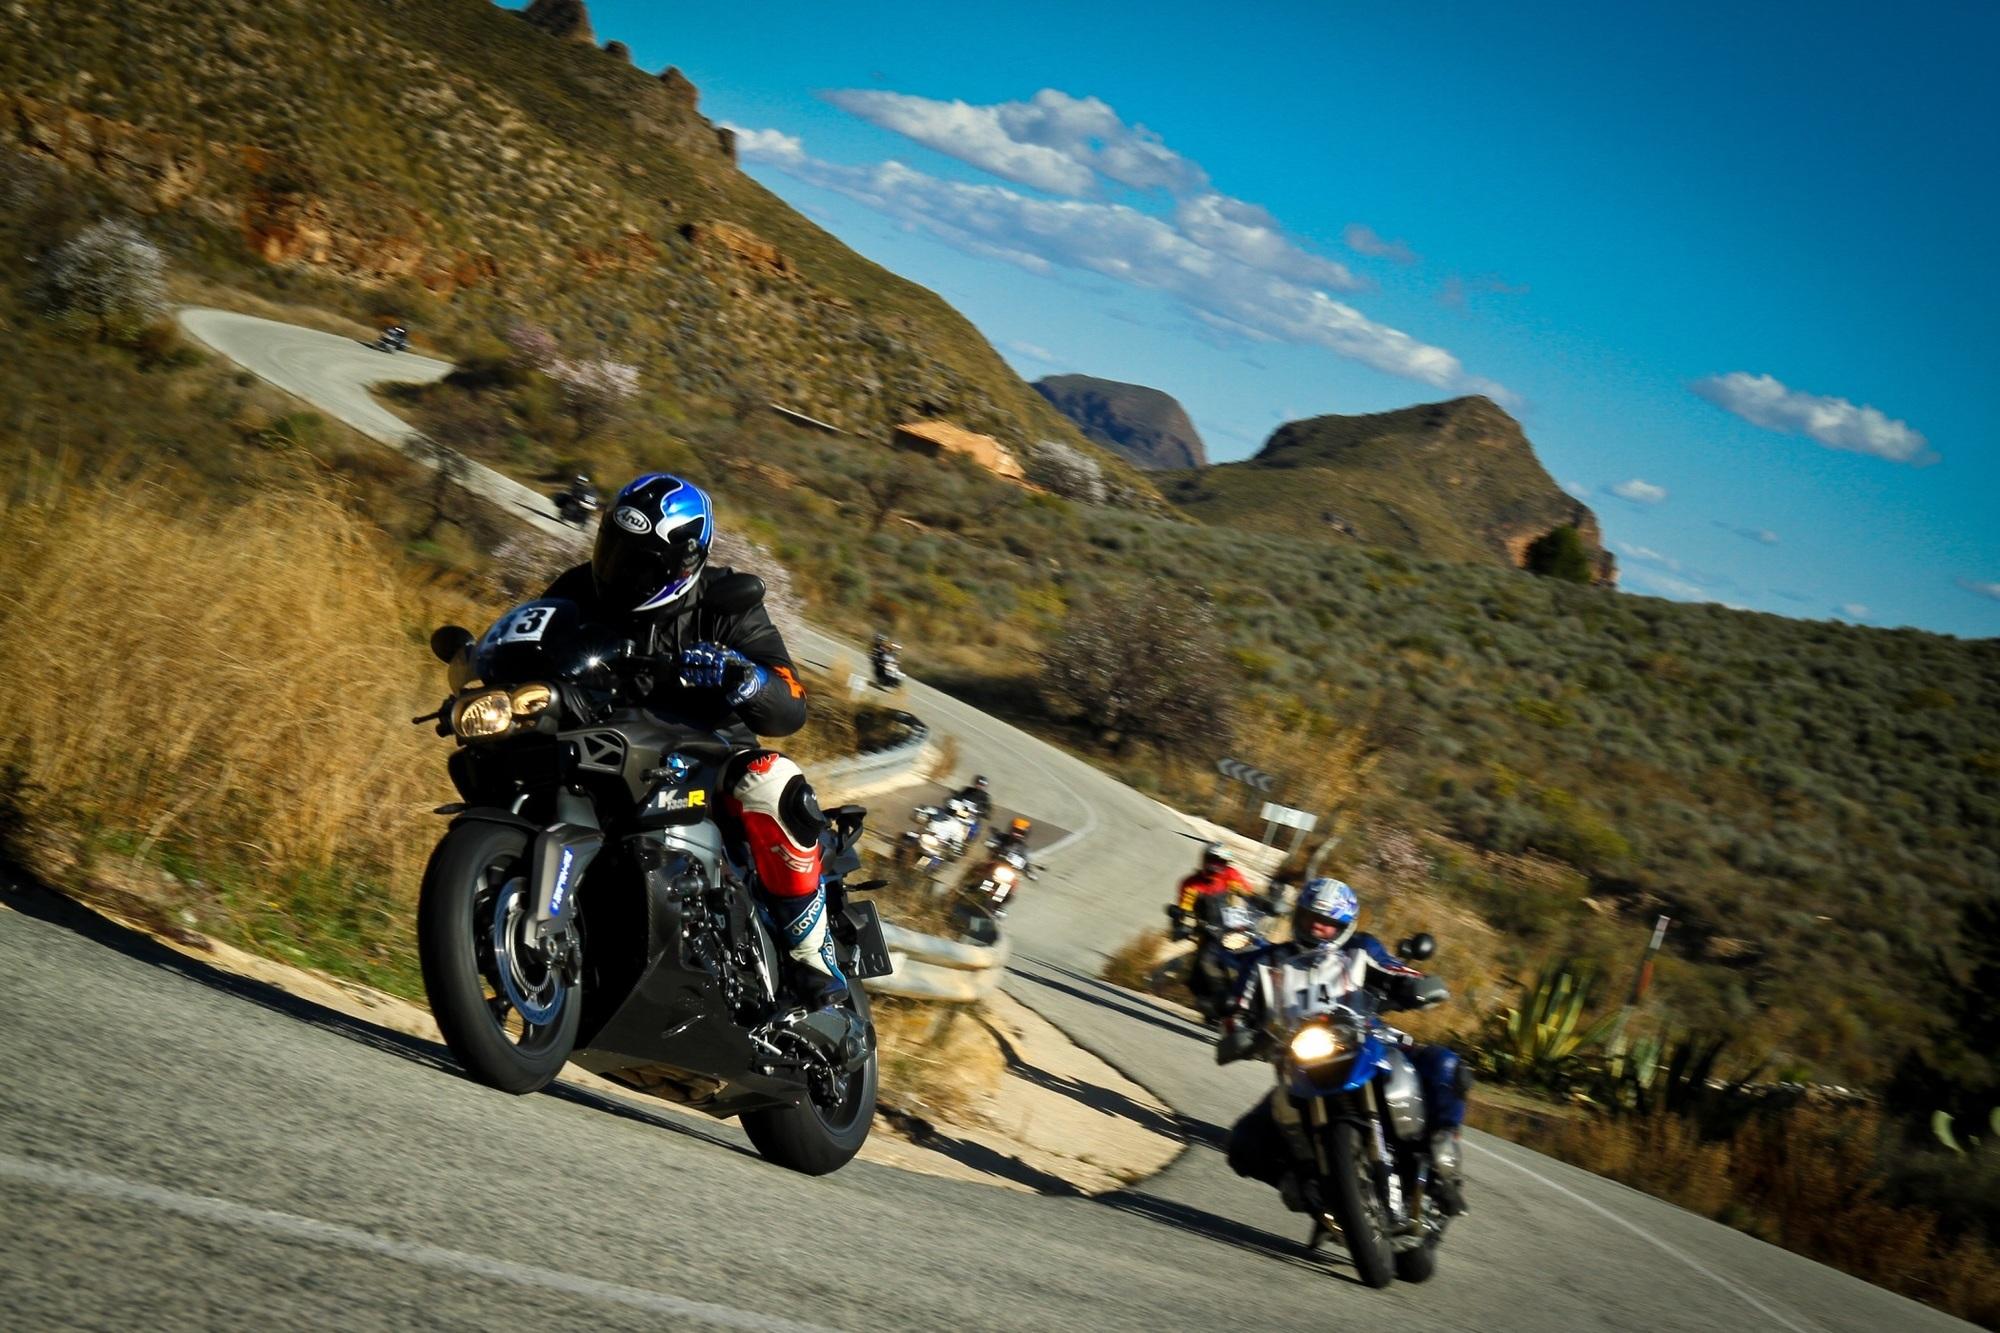 Der Start in die Motorradsaison - Überlegen fahren – das hat durchaus mit Überlegung zu tun